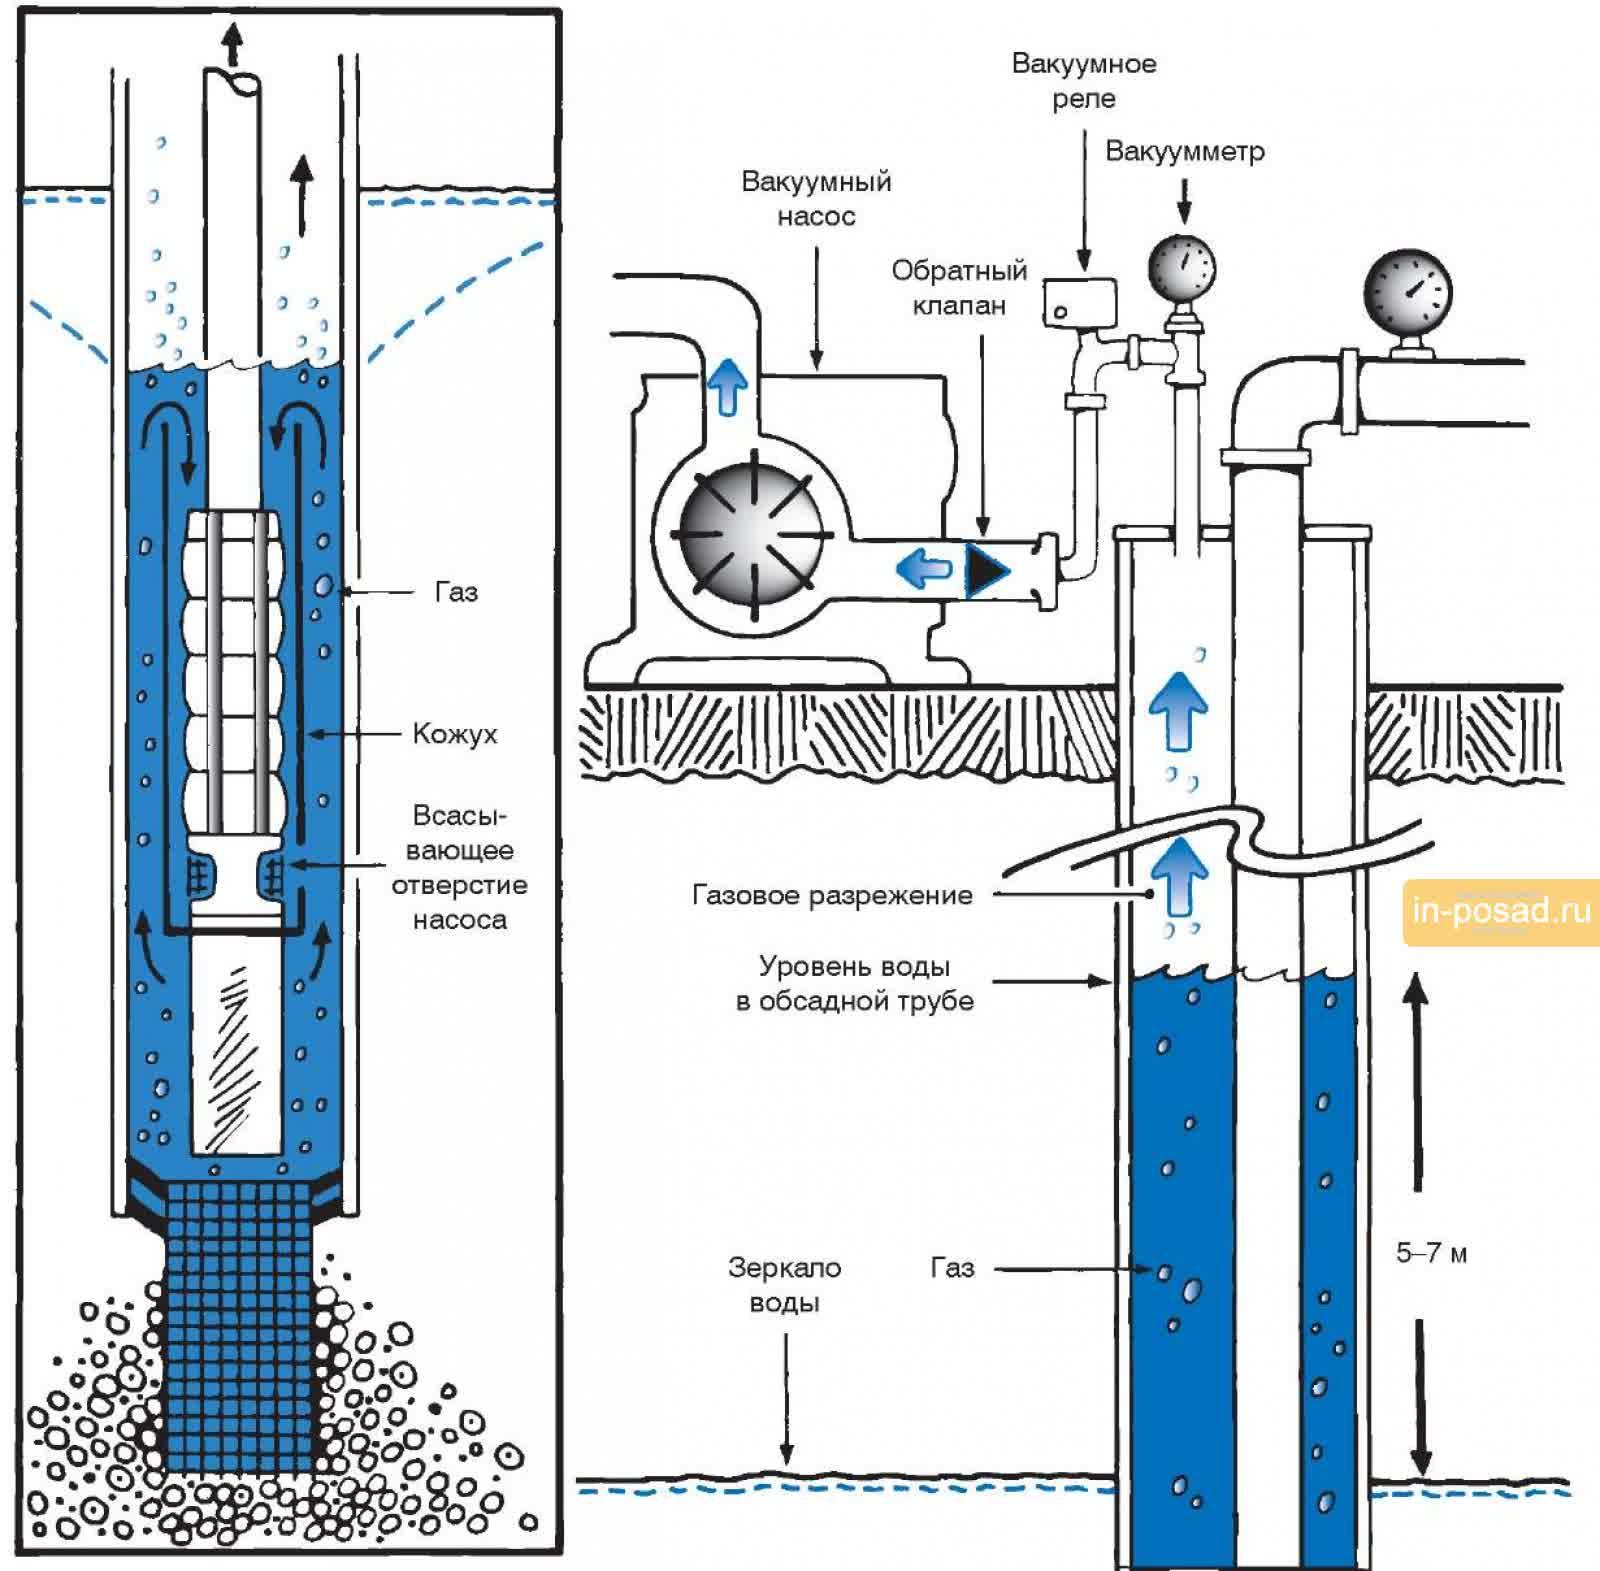 Схема монтажа обратного клапана на воду